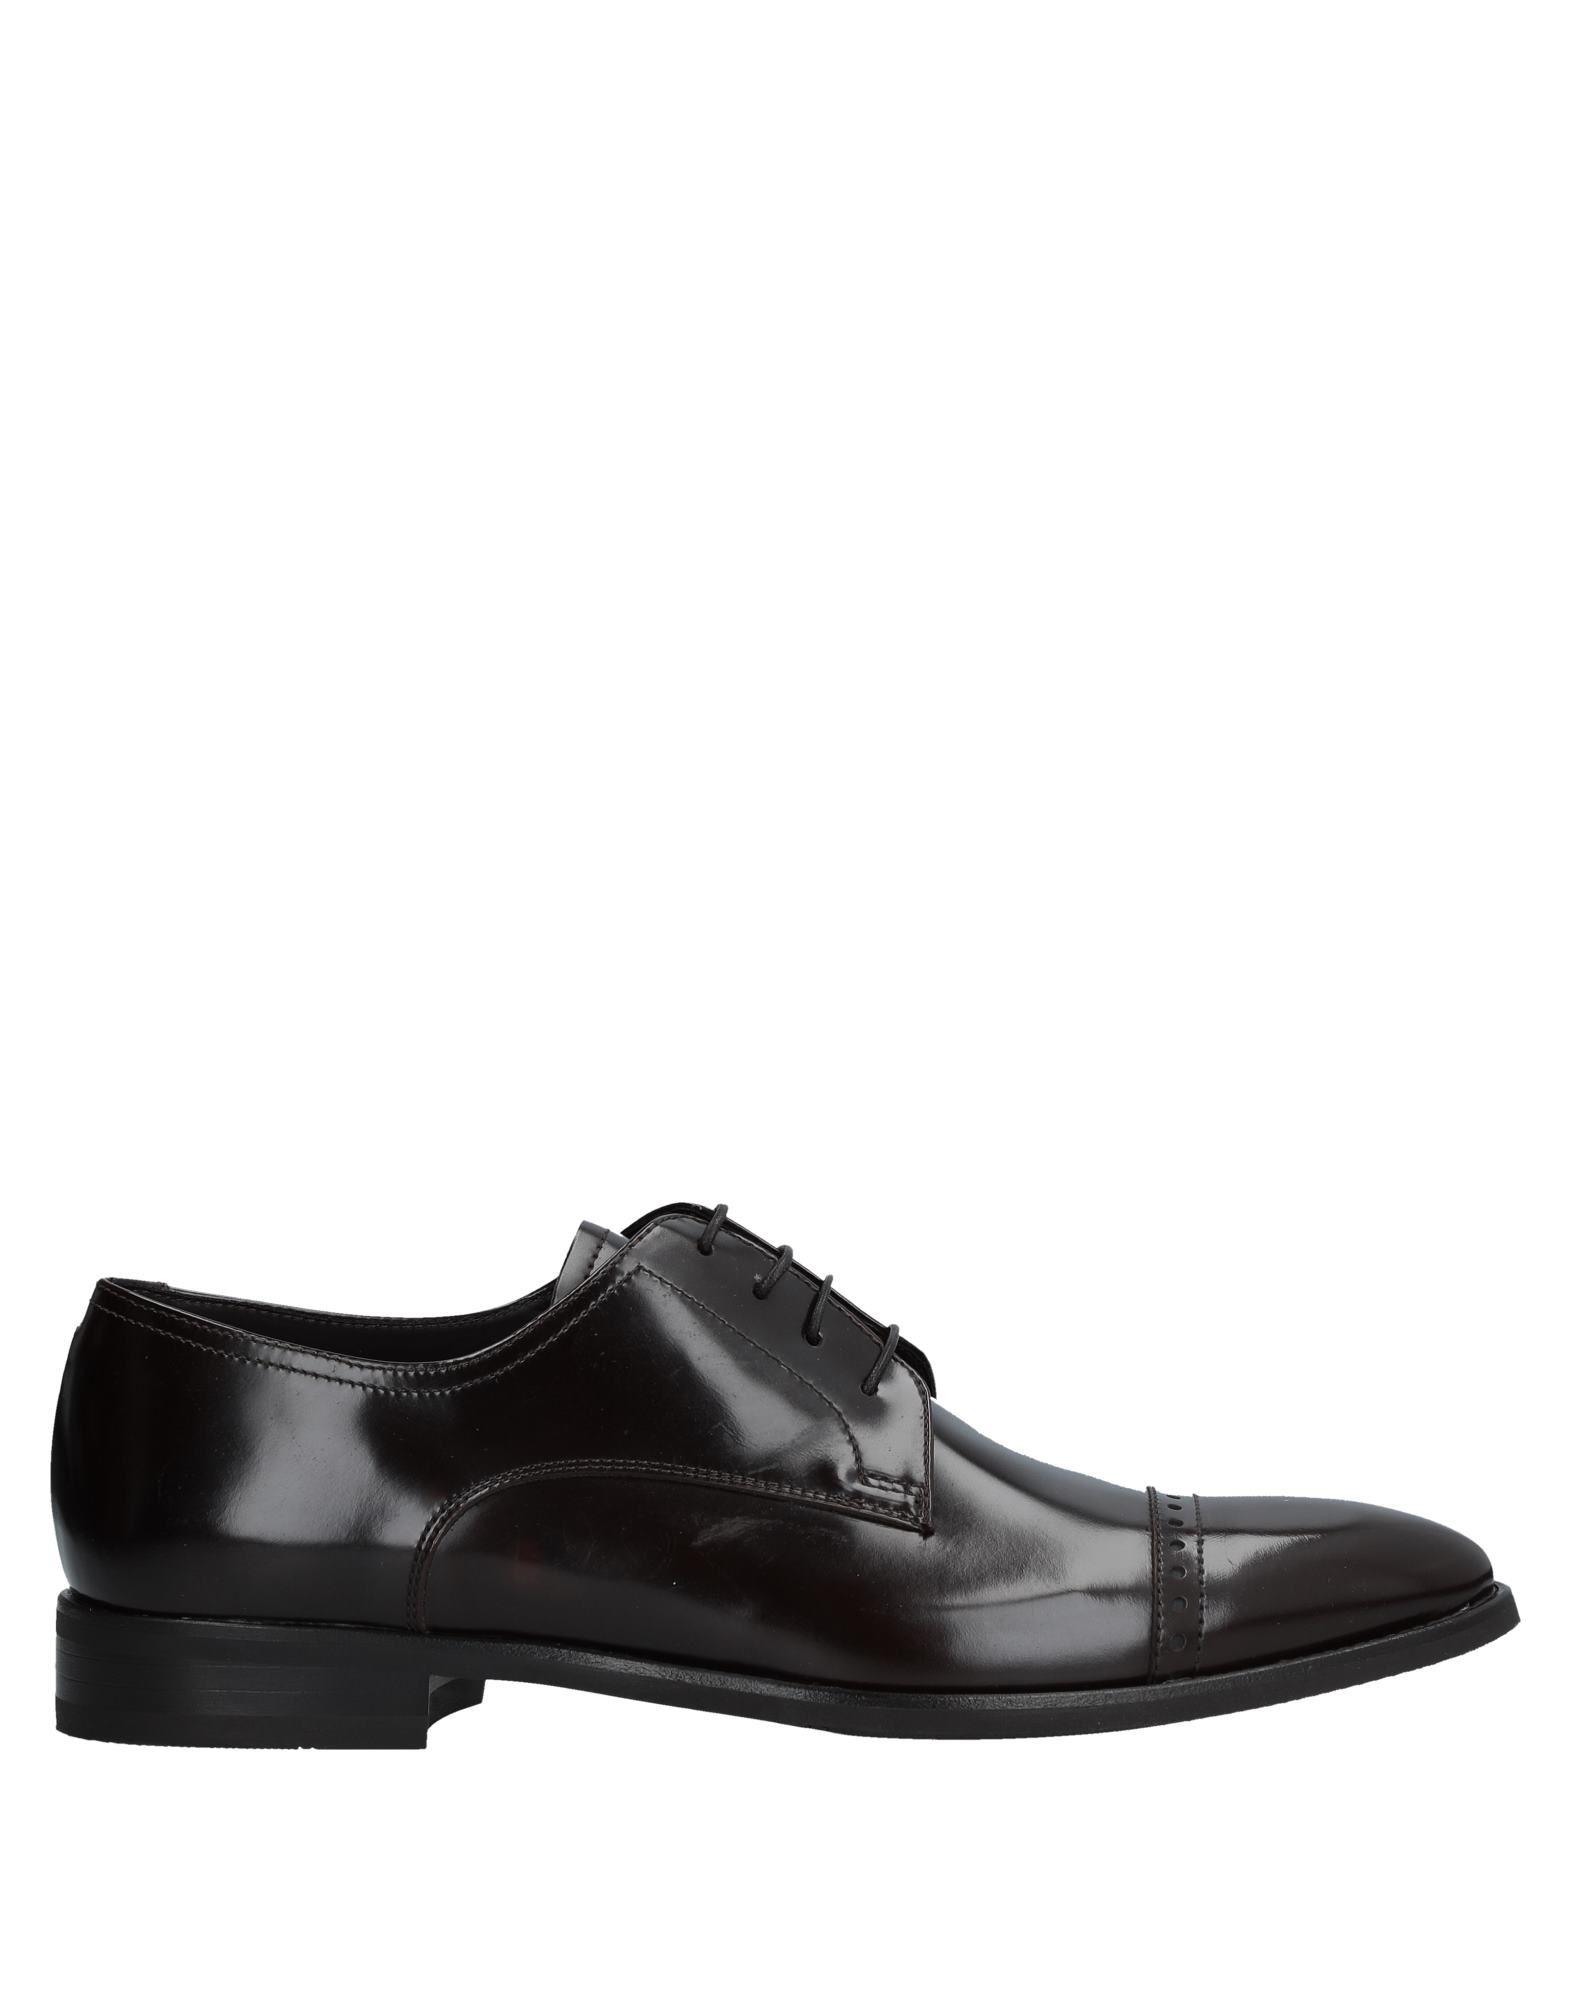 Fabi Schnürschuhe Herren  11543019VA Gute Qualität beliebte Schuhe